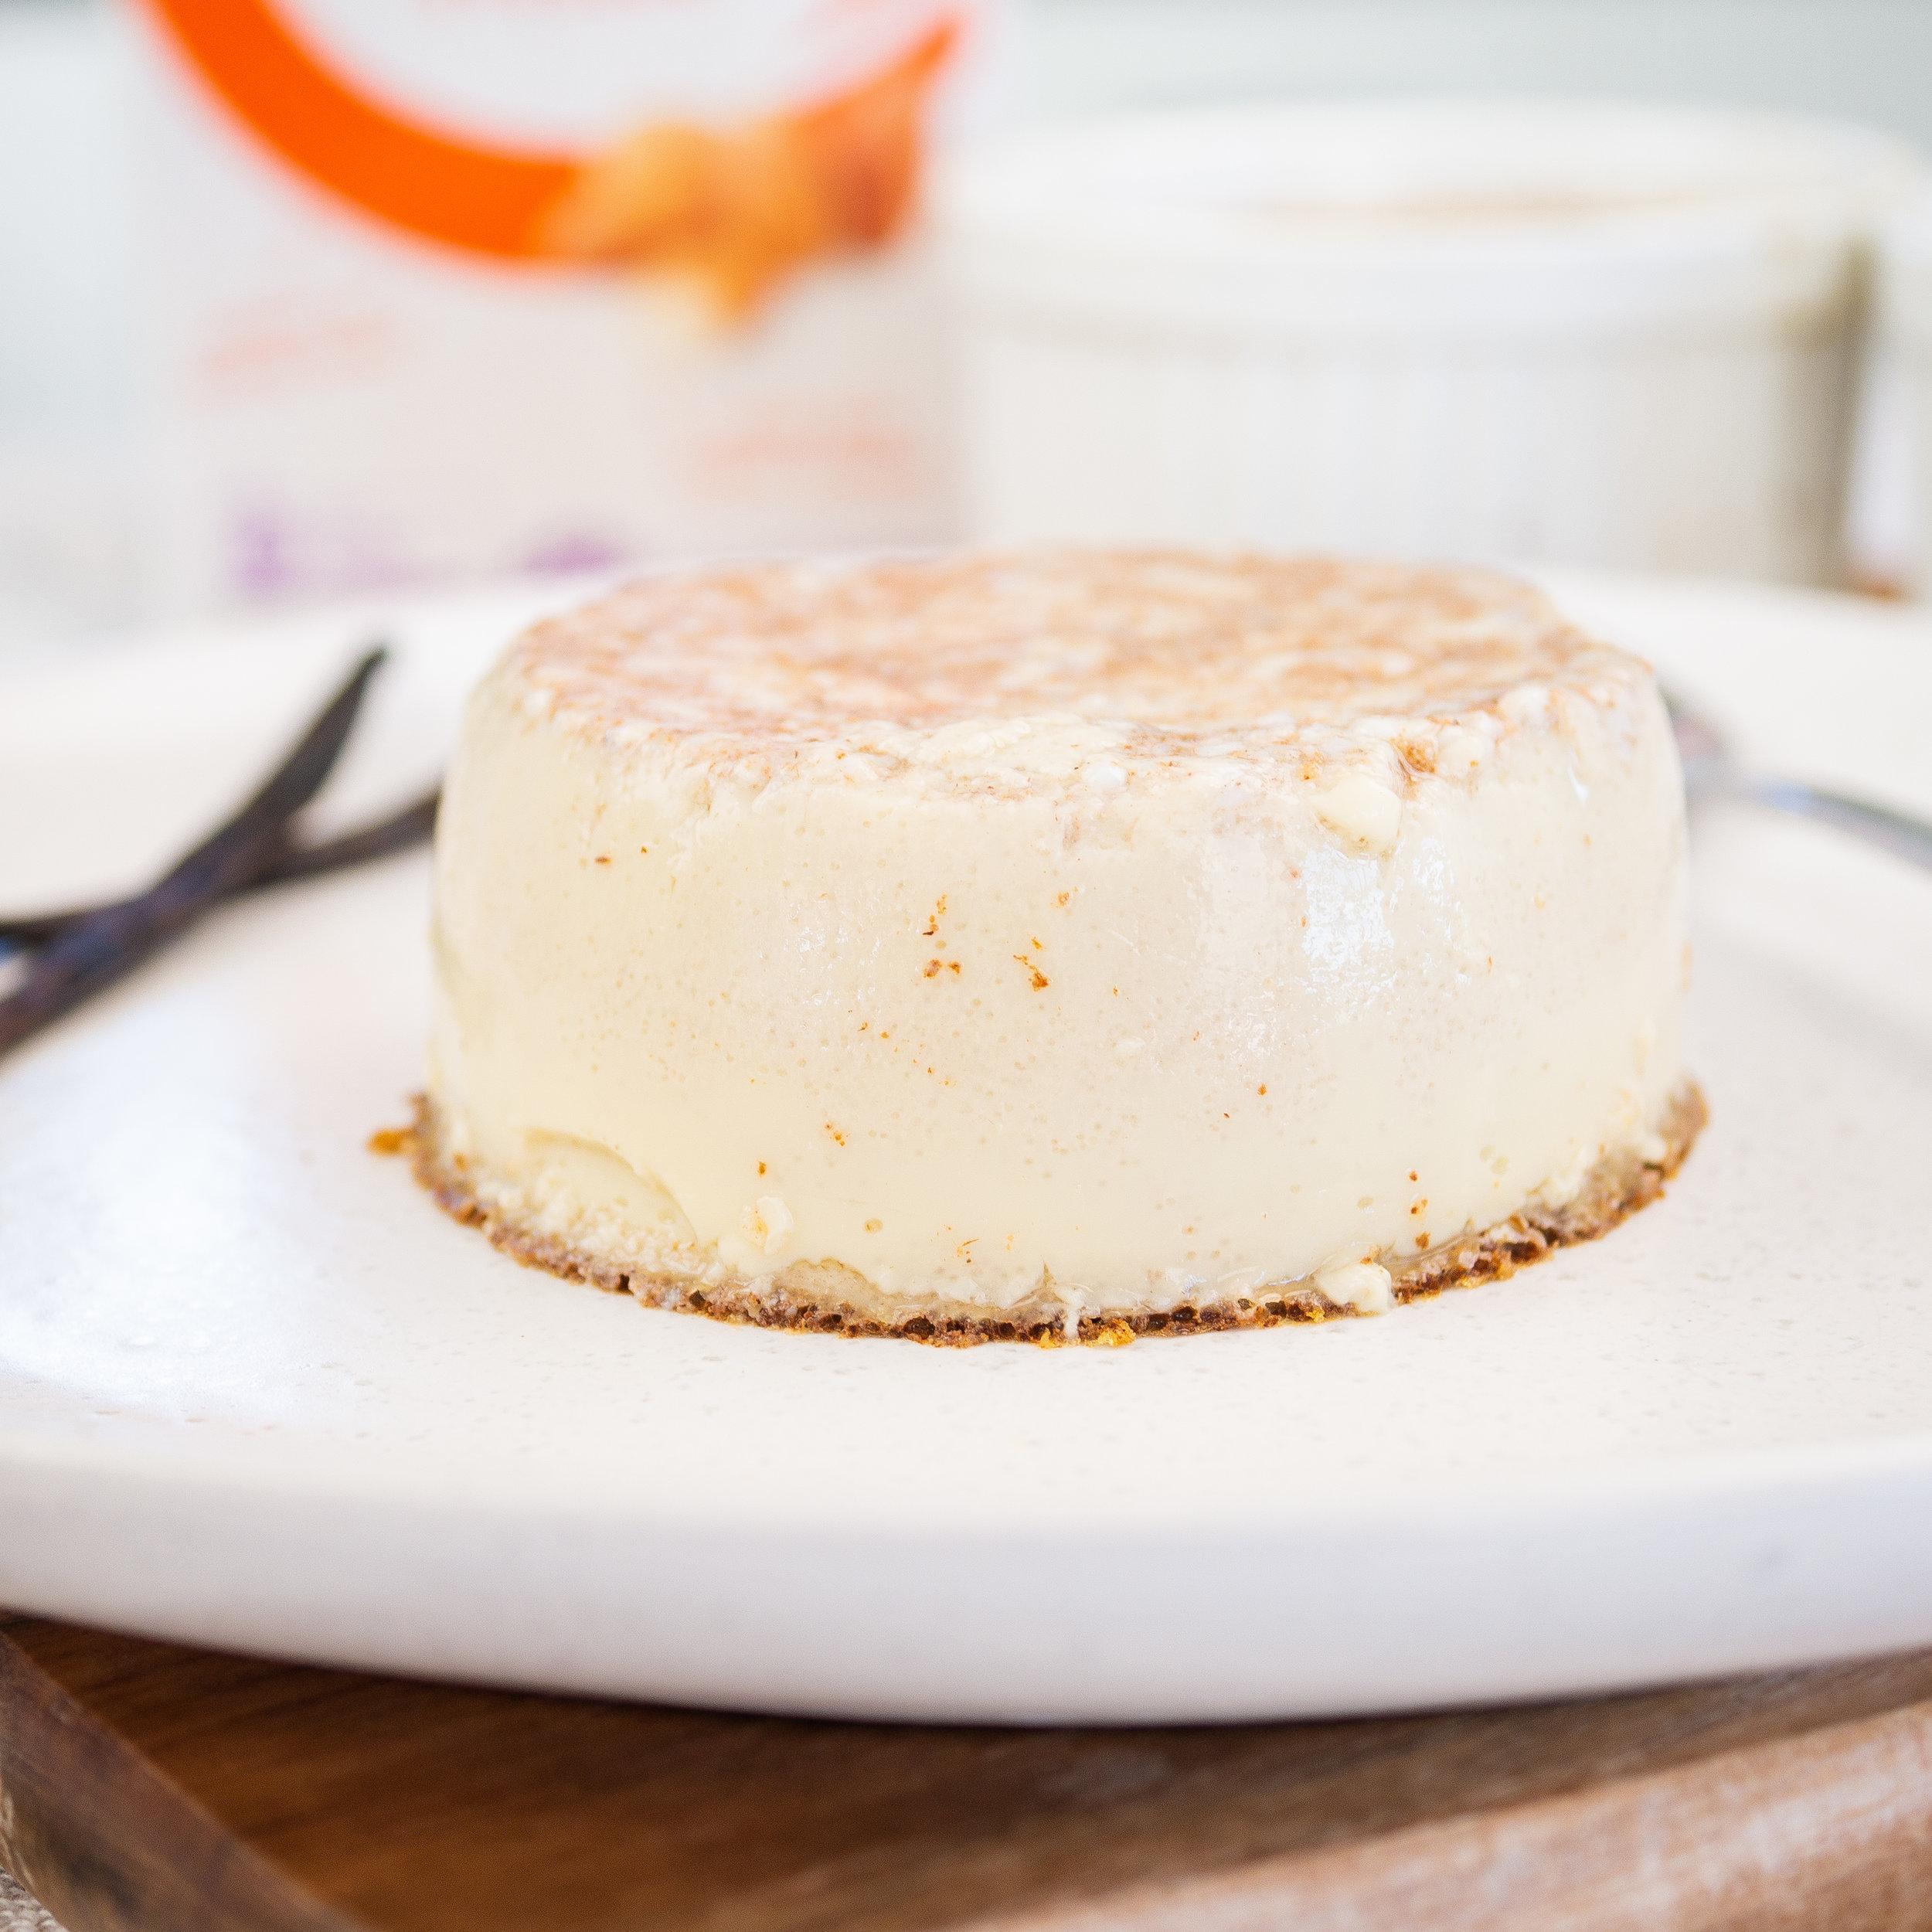 Vanilla & Cinnamon Baked Custard